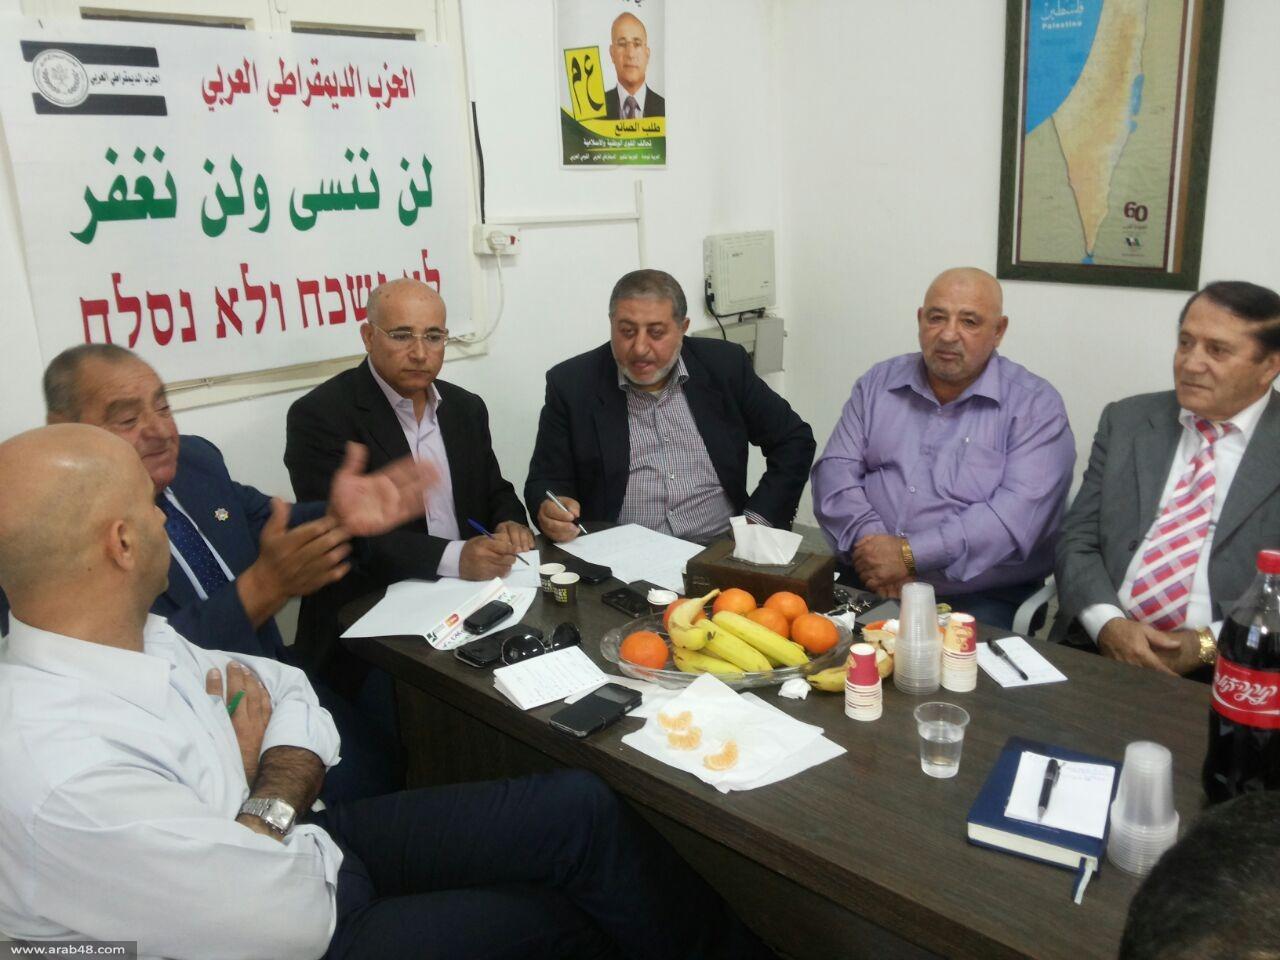 الديمقراطي العربي يدعو لتحالف شامل لخوض انتخابات الكنيست